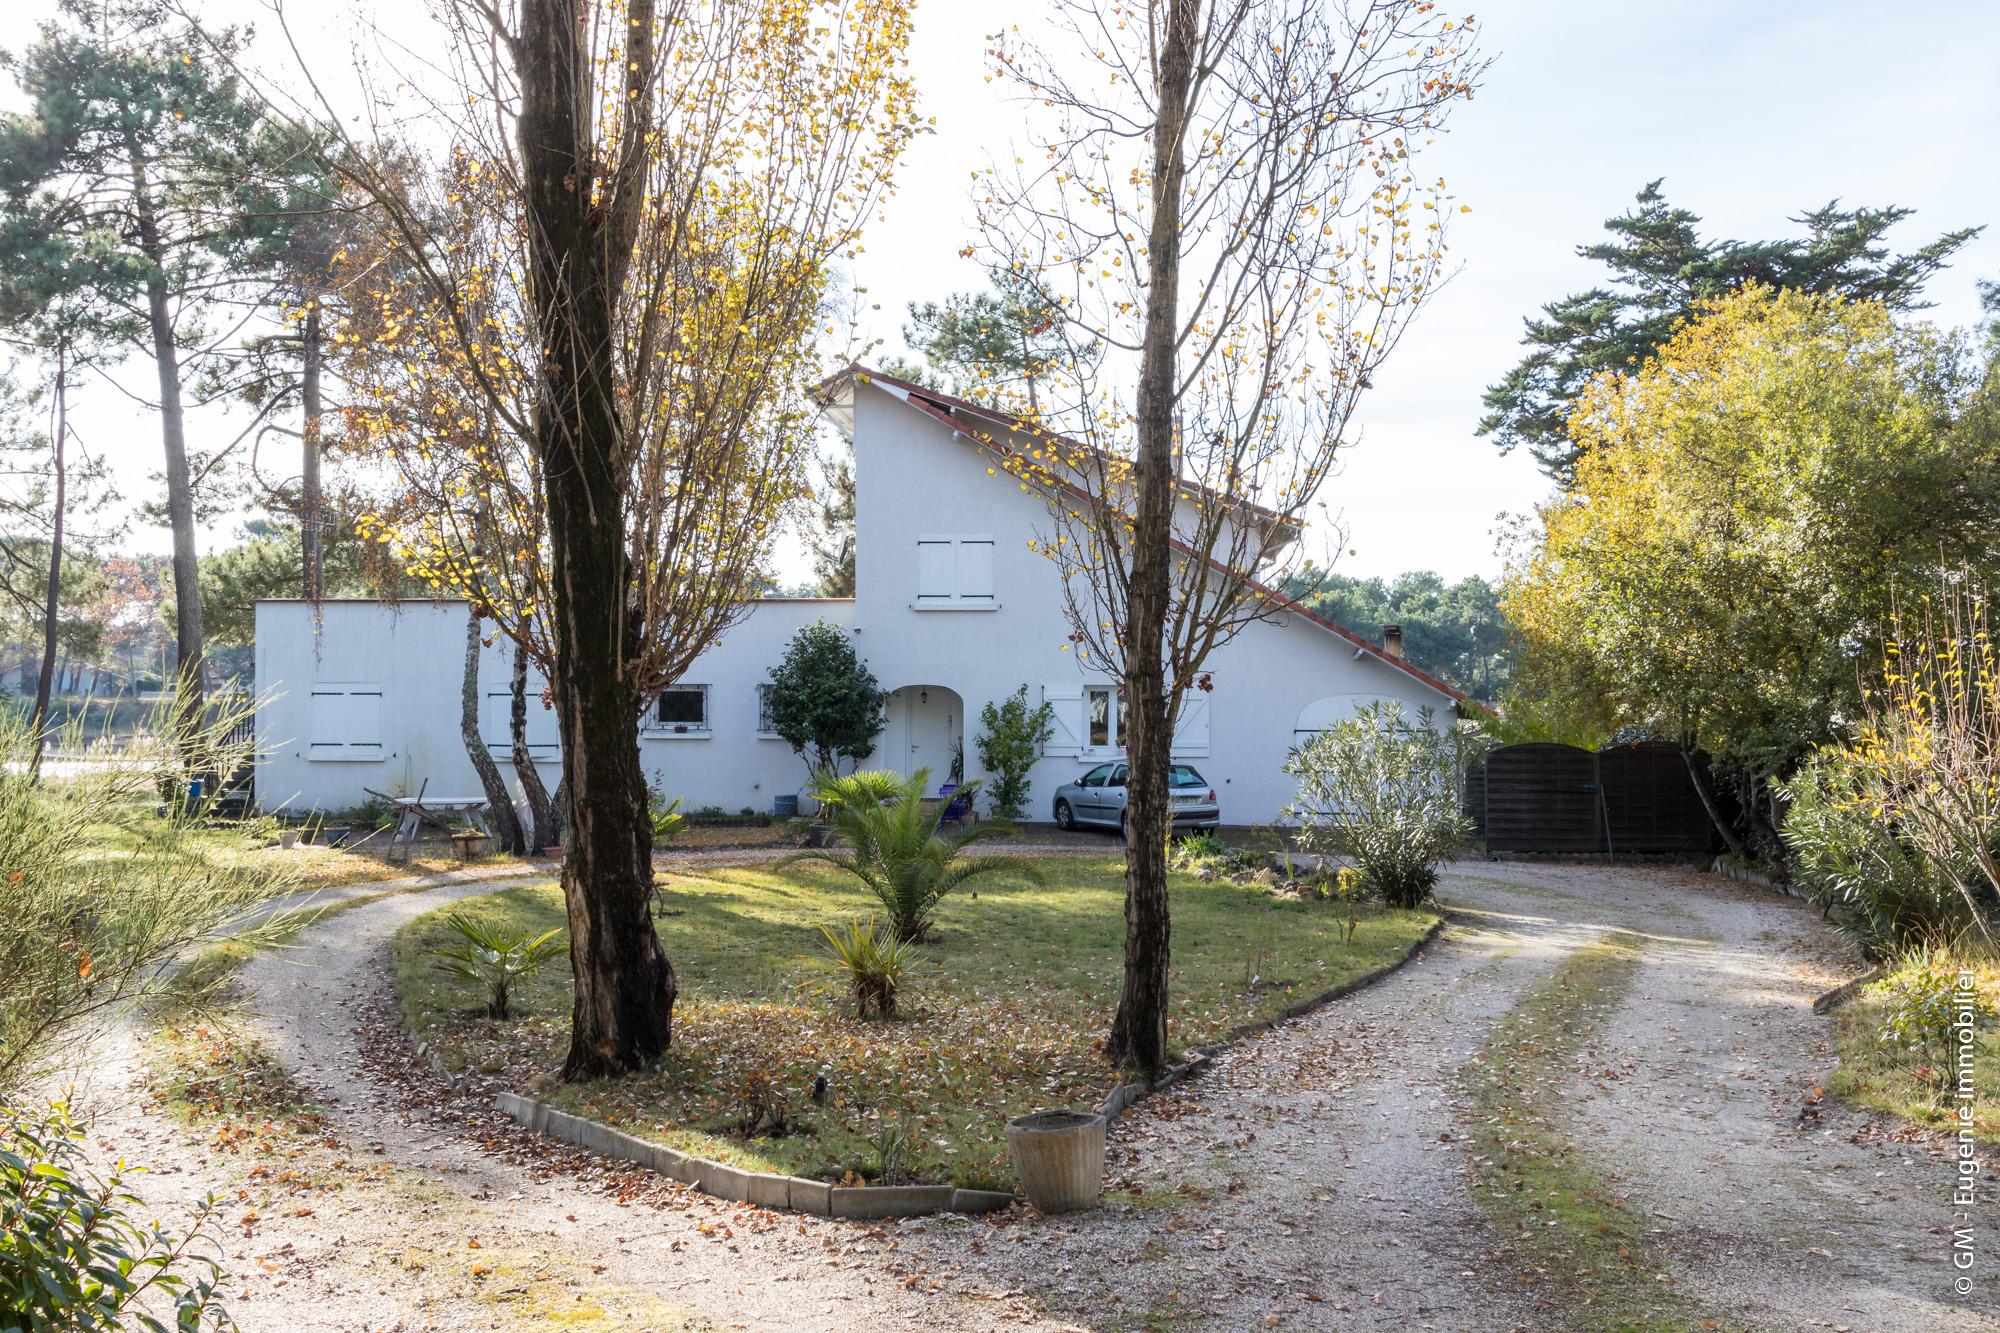 Maison d'architecte idéalement située 215 m² au calme